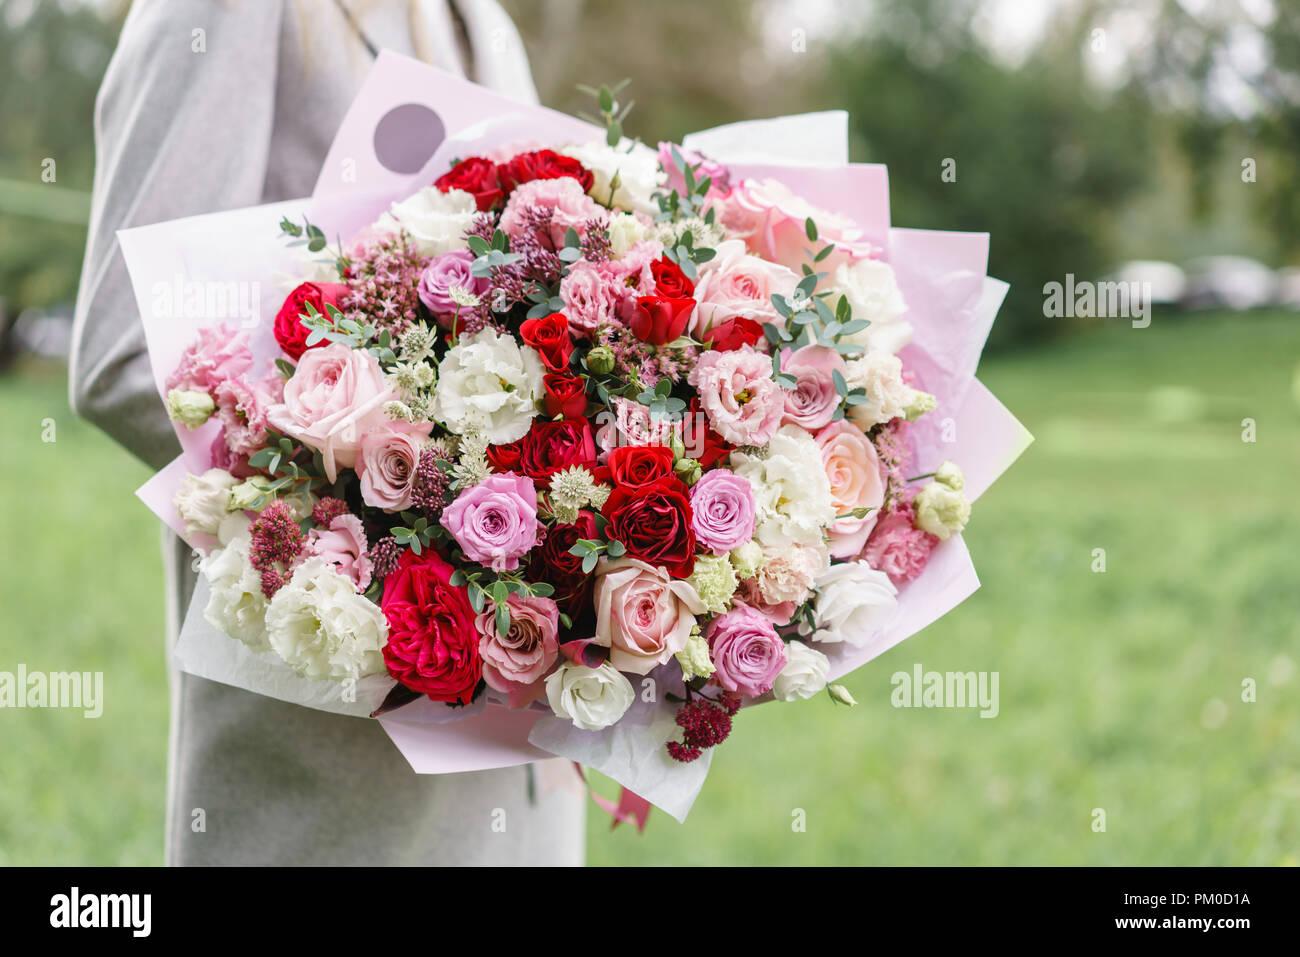 Lovely Woman Holding A Beautiful Autumn Bouquet Flower Arrangement